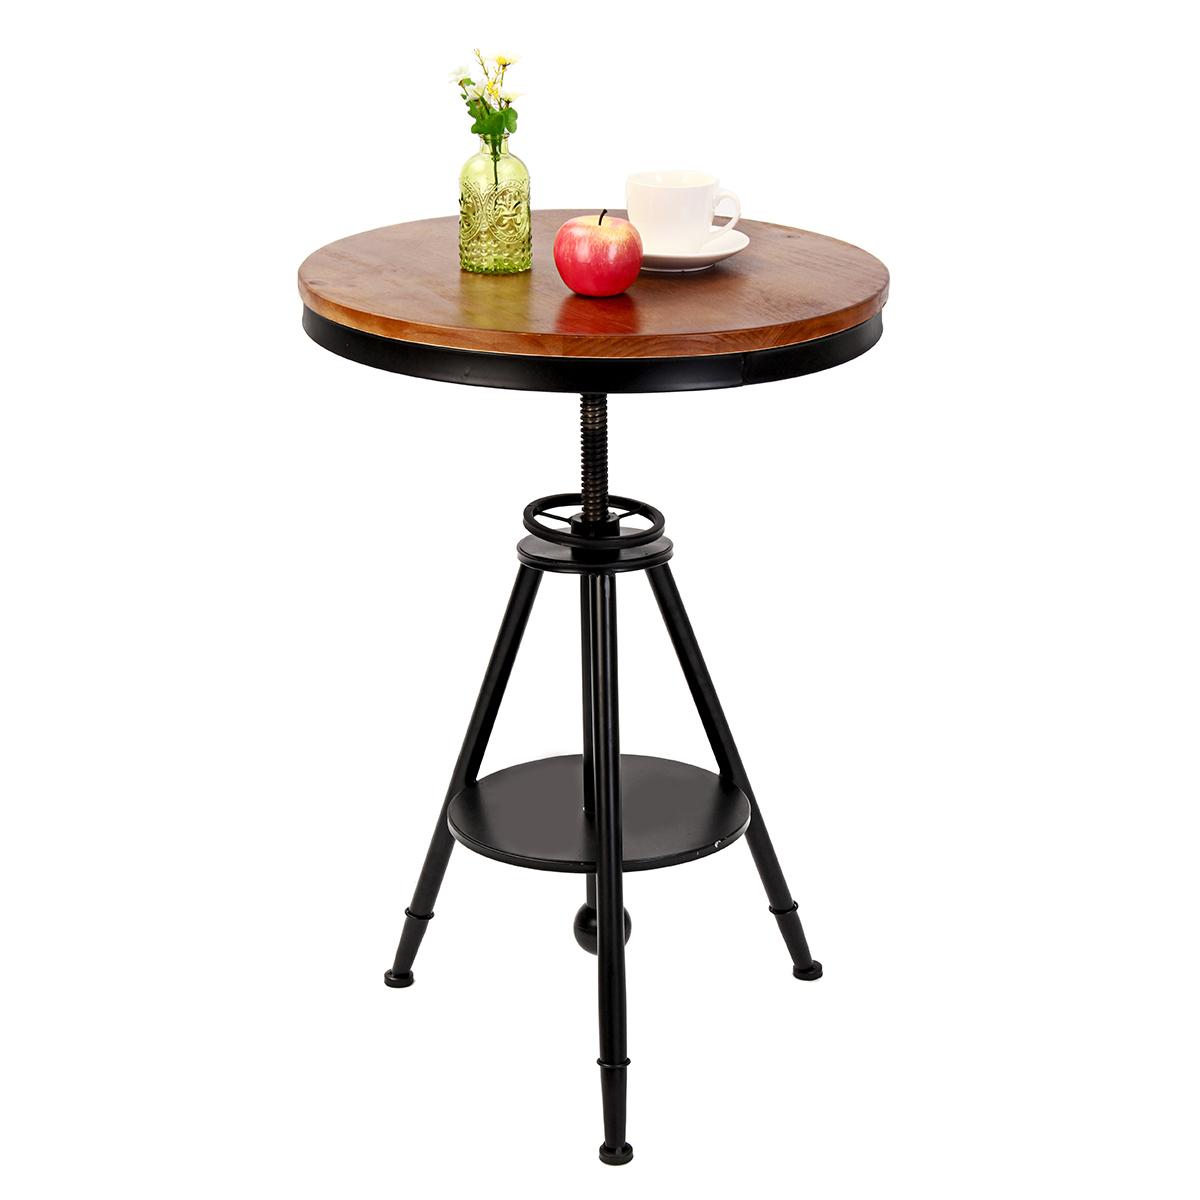 55смРетрокруглыйстоловойСкладной стол Lounge Bar Современный металлический деревянный кафе Журнальный столик